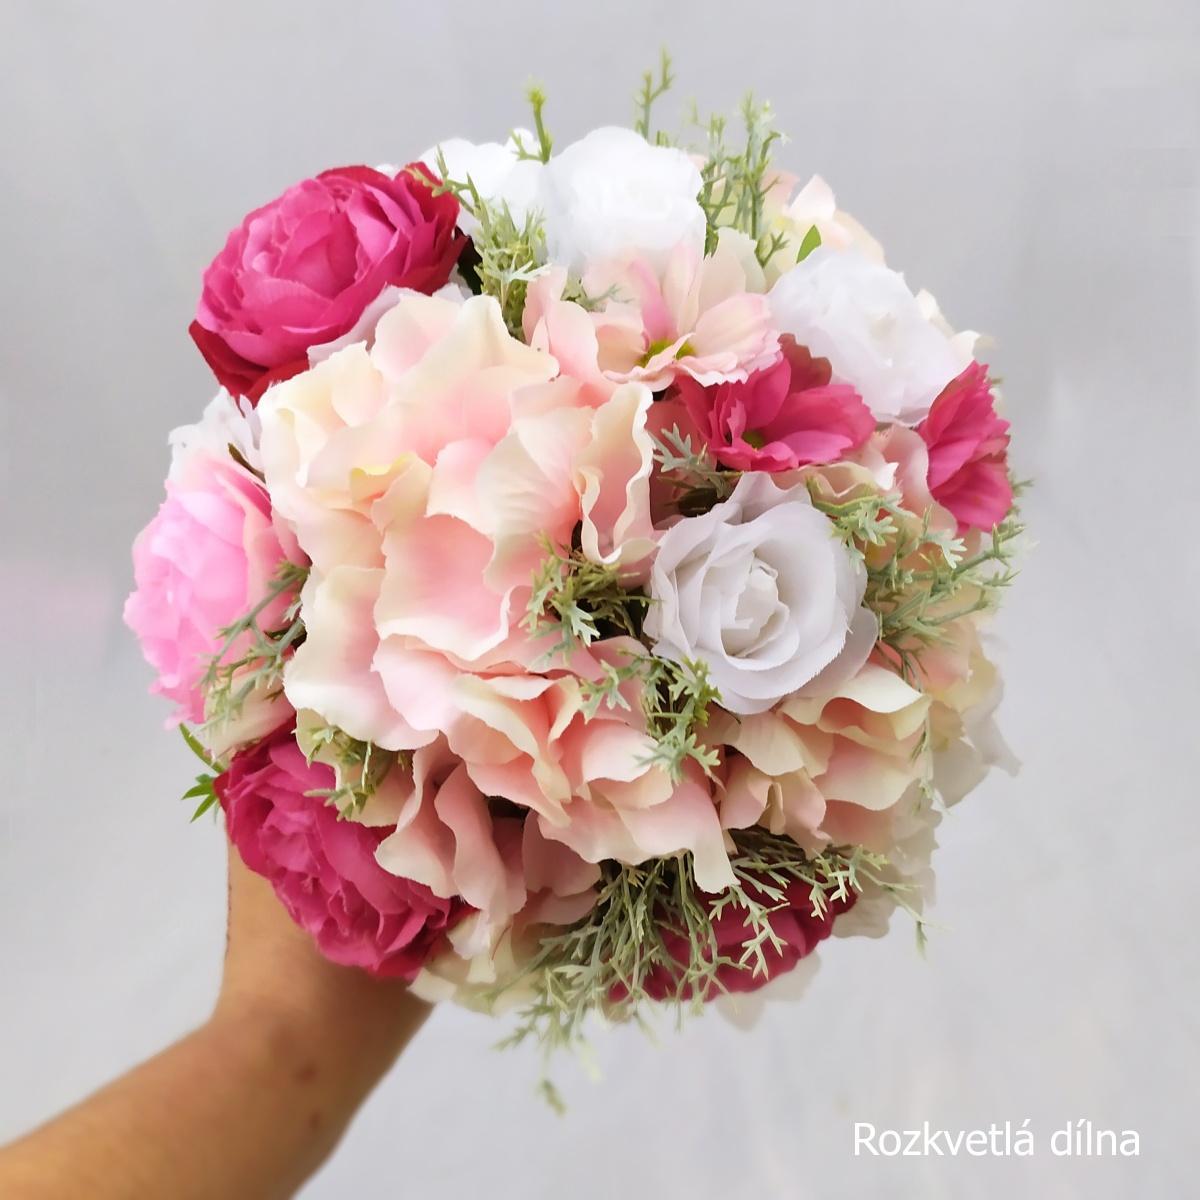 Látkové květiny z Rozkvetlé dílny - Obrázek č. 4